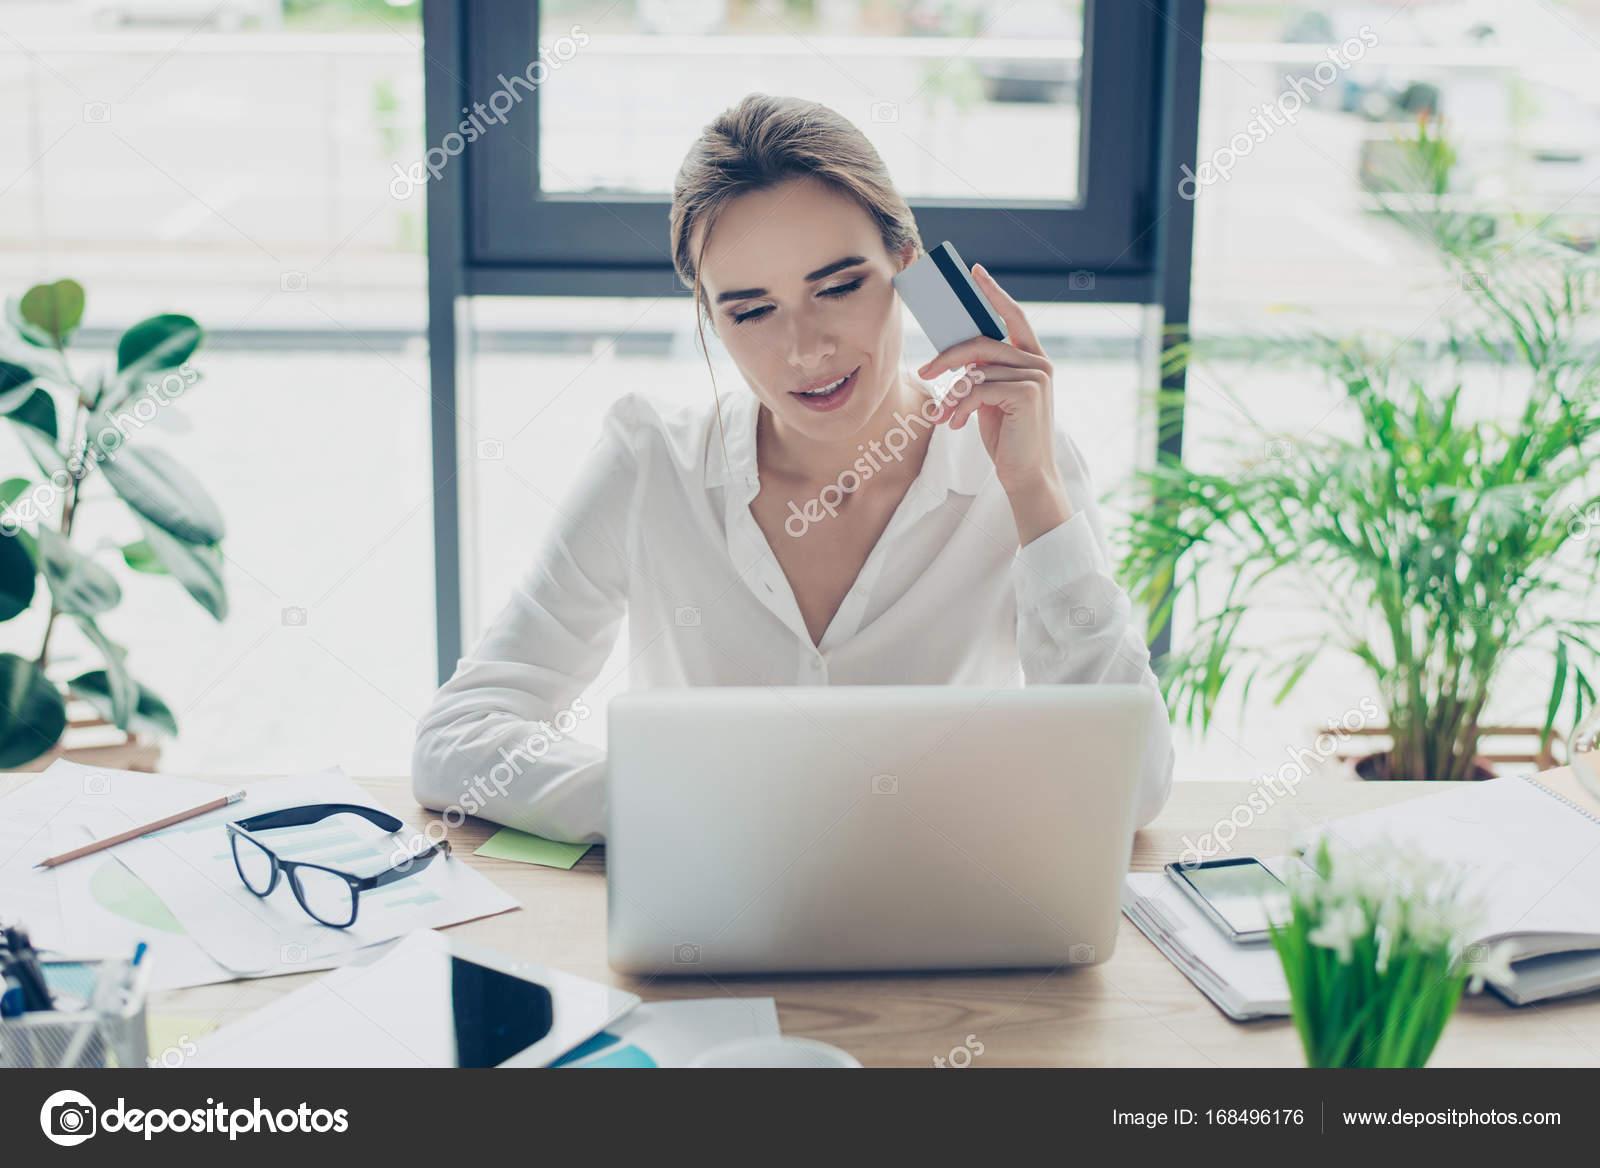 biznes-ledi-rasslablyaetsya-kino-pro-seksualnih-styuardess-na-russkom-yazike